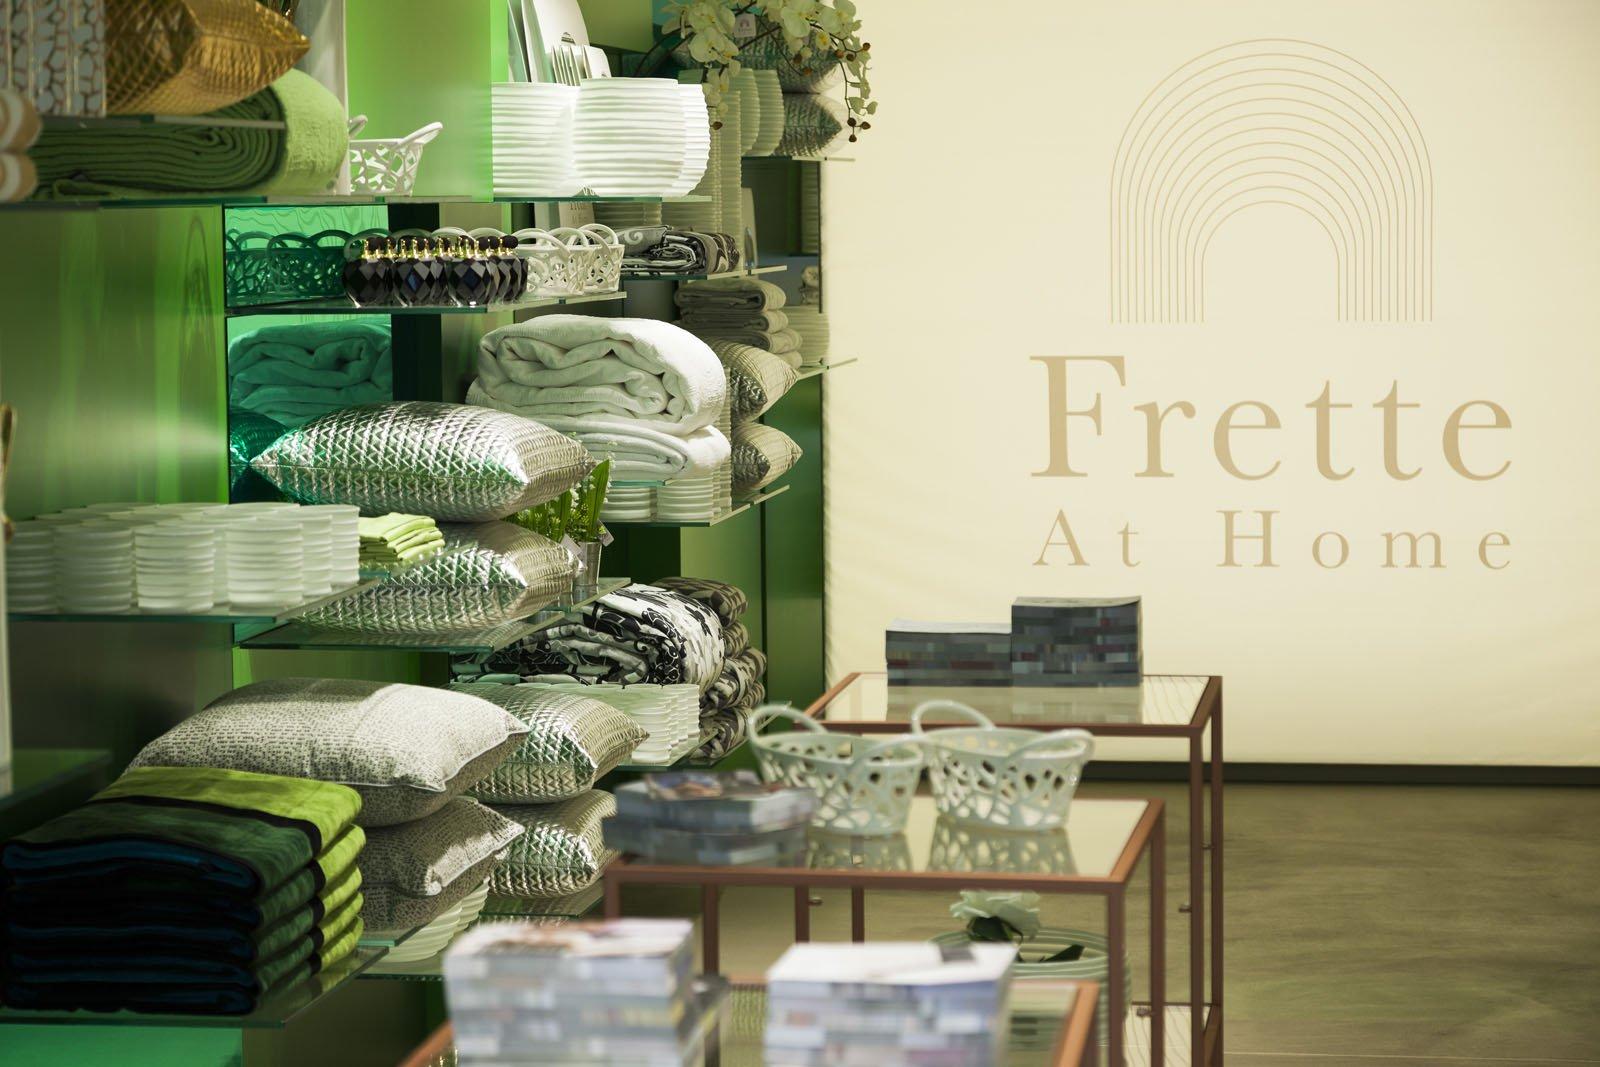 low priced eb1eb 0b243 Frette At Home apre a Milano in corso Vercelli - Cose di Casa